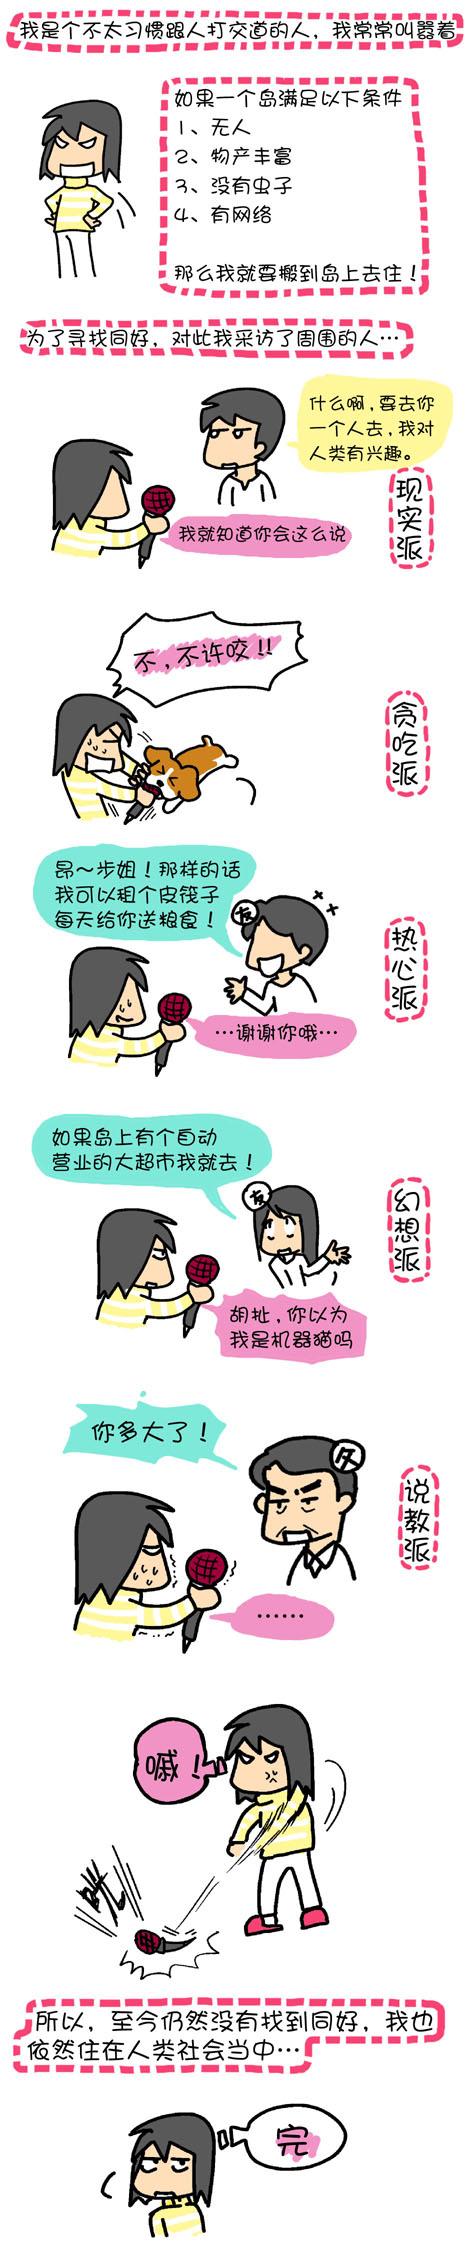 同好 - 小步 - 小步漫画日记